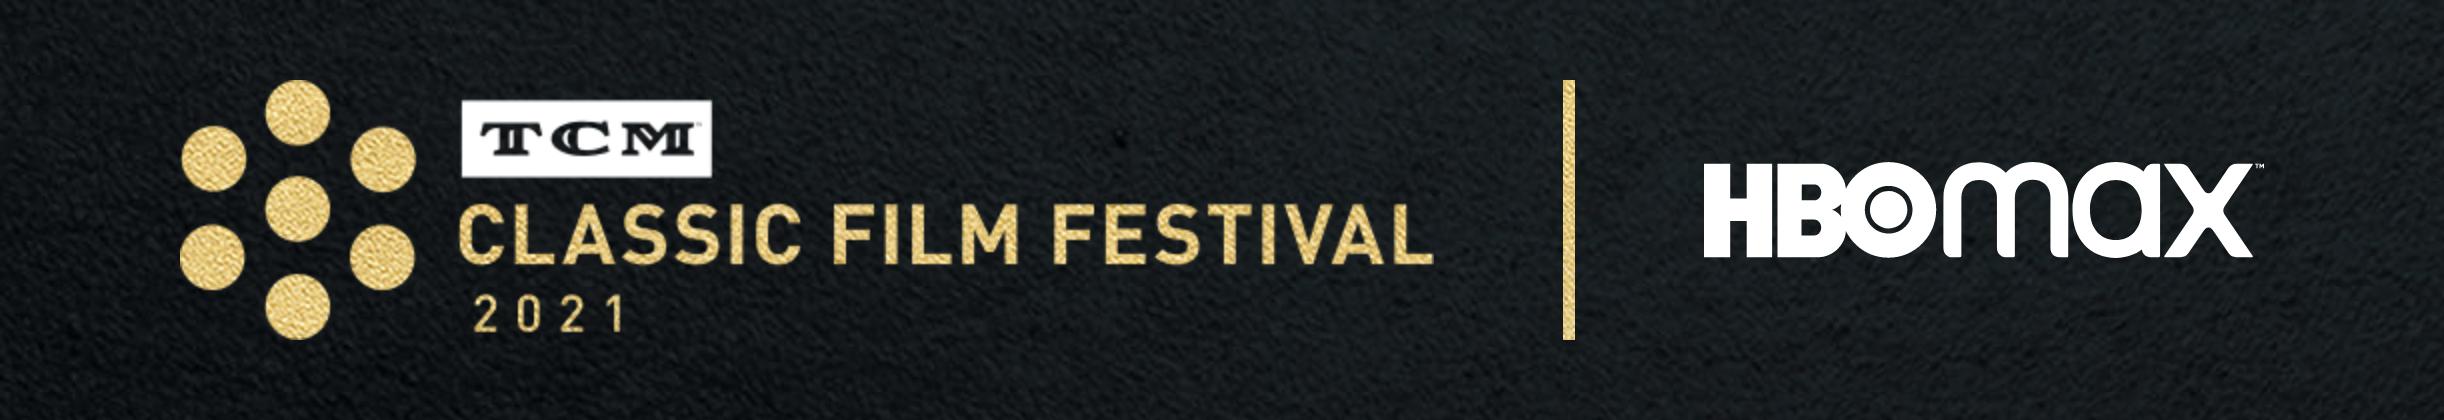 2021 TCM Classic Film Festival - graphic image